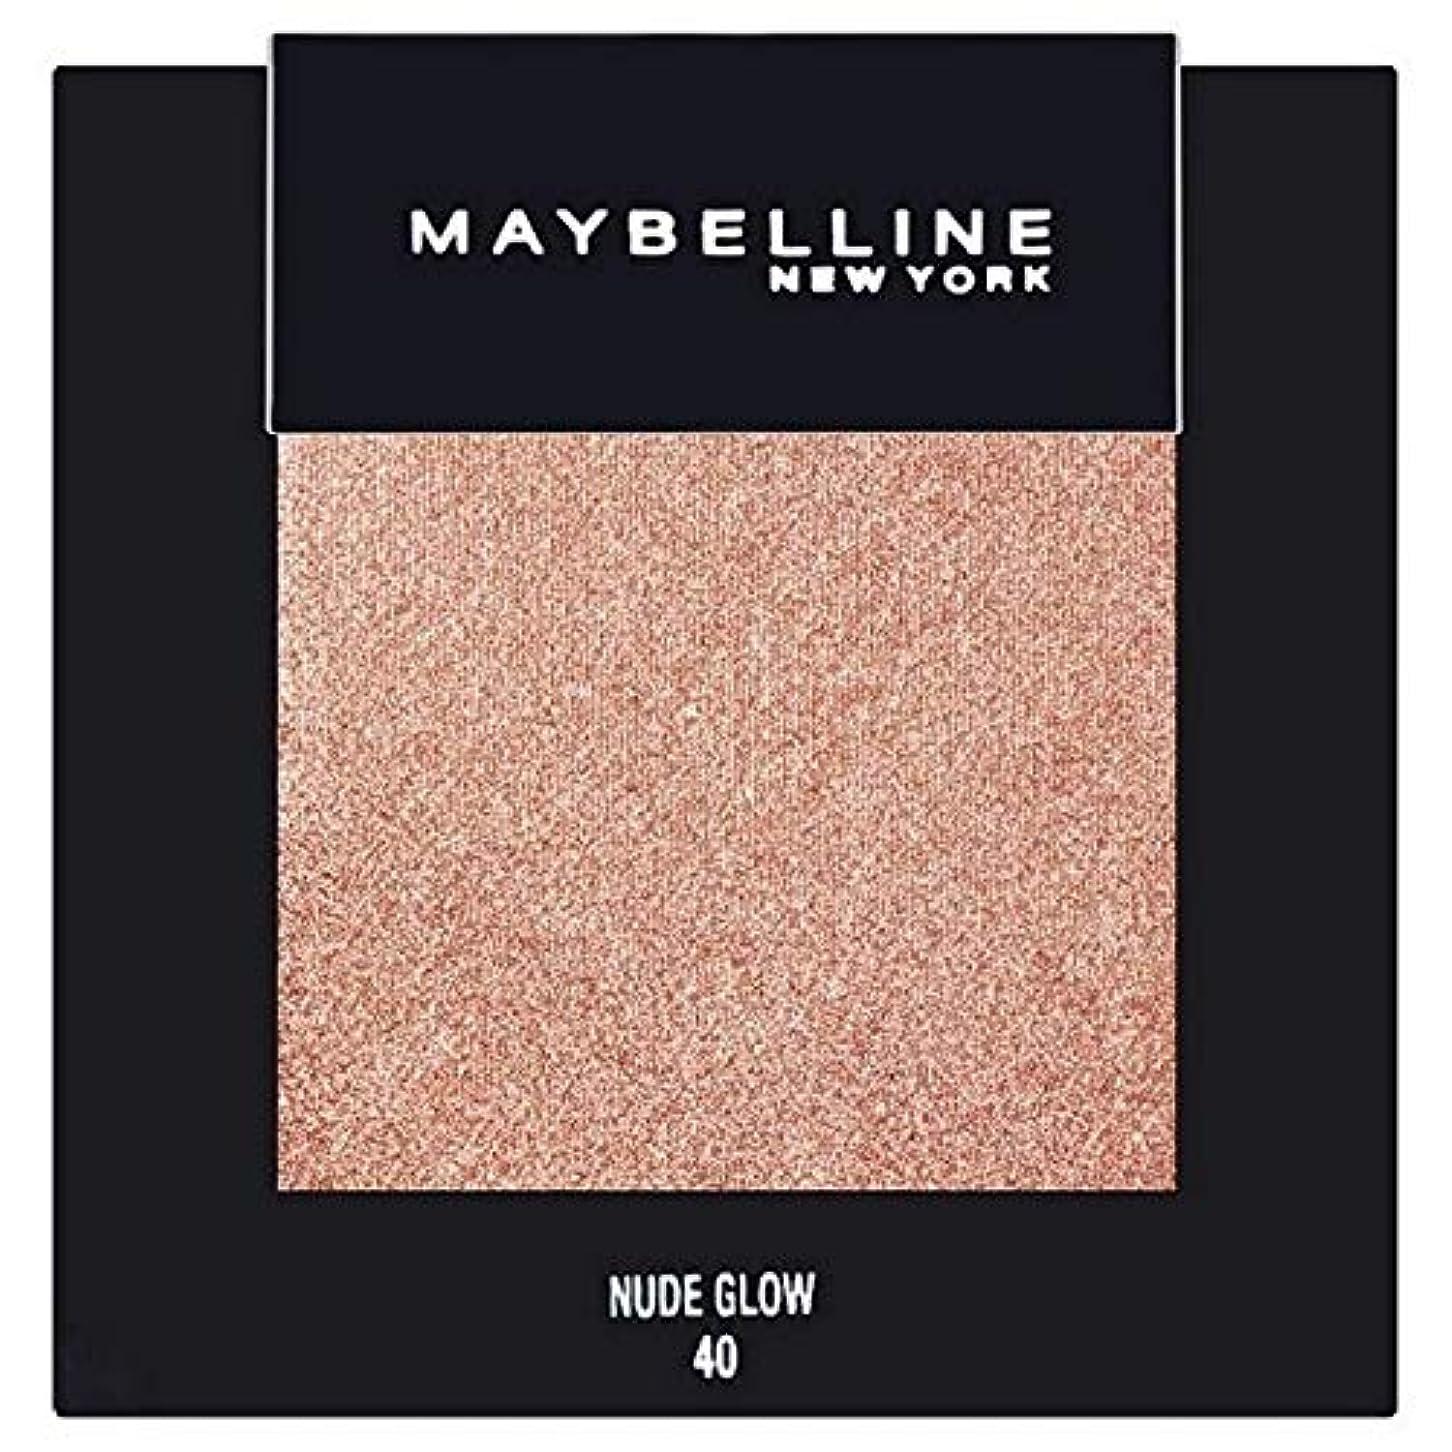 店員等しい鎮静剤[Maybelline ] メイベリンカラーショーシングルアイシャドウ40ヌードグロー - Maybelline Color Show Single Eyeshadow 40 Nude Glow [並行輸入品]